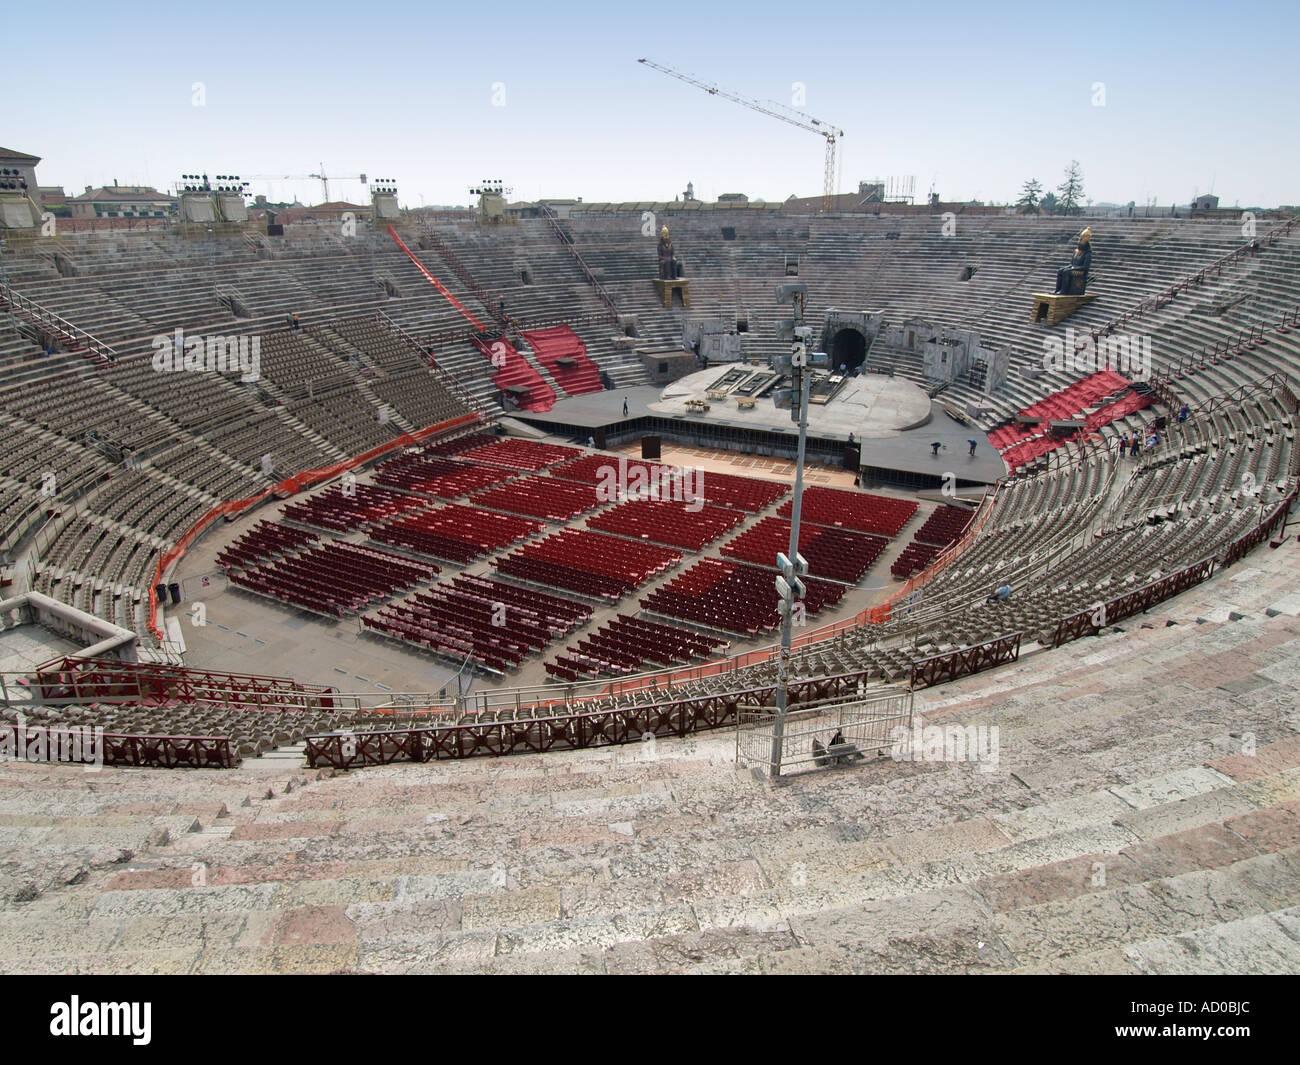 Empty Roman arena in Verona Veneto Italy - Stock Image